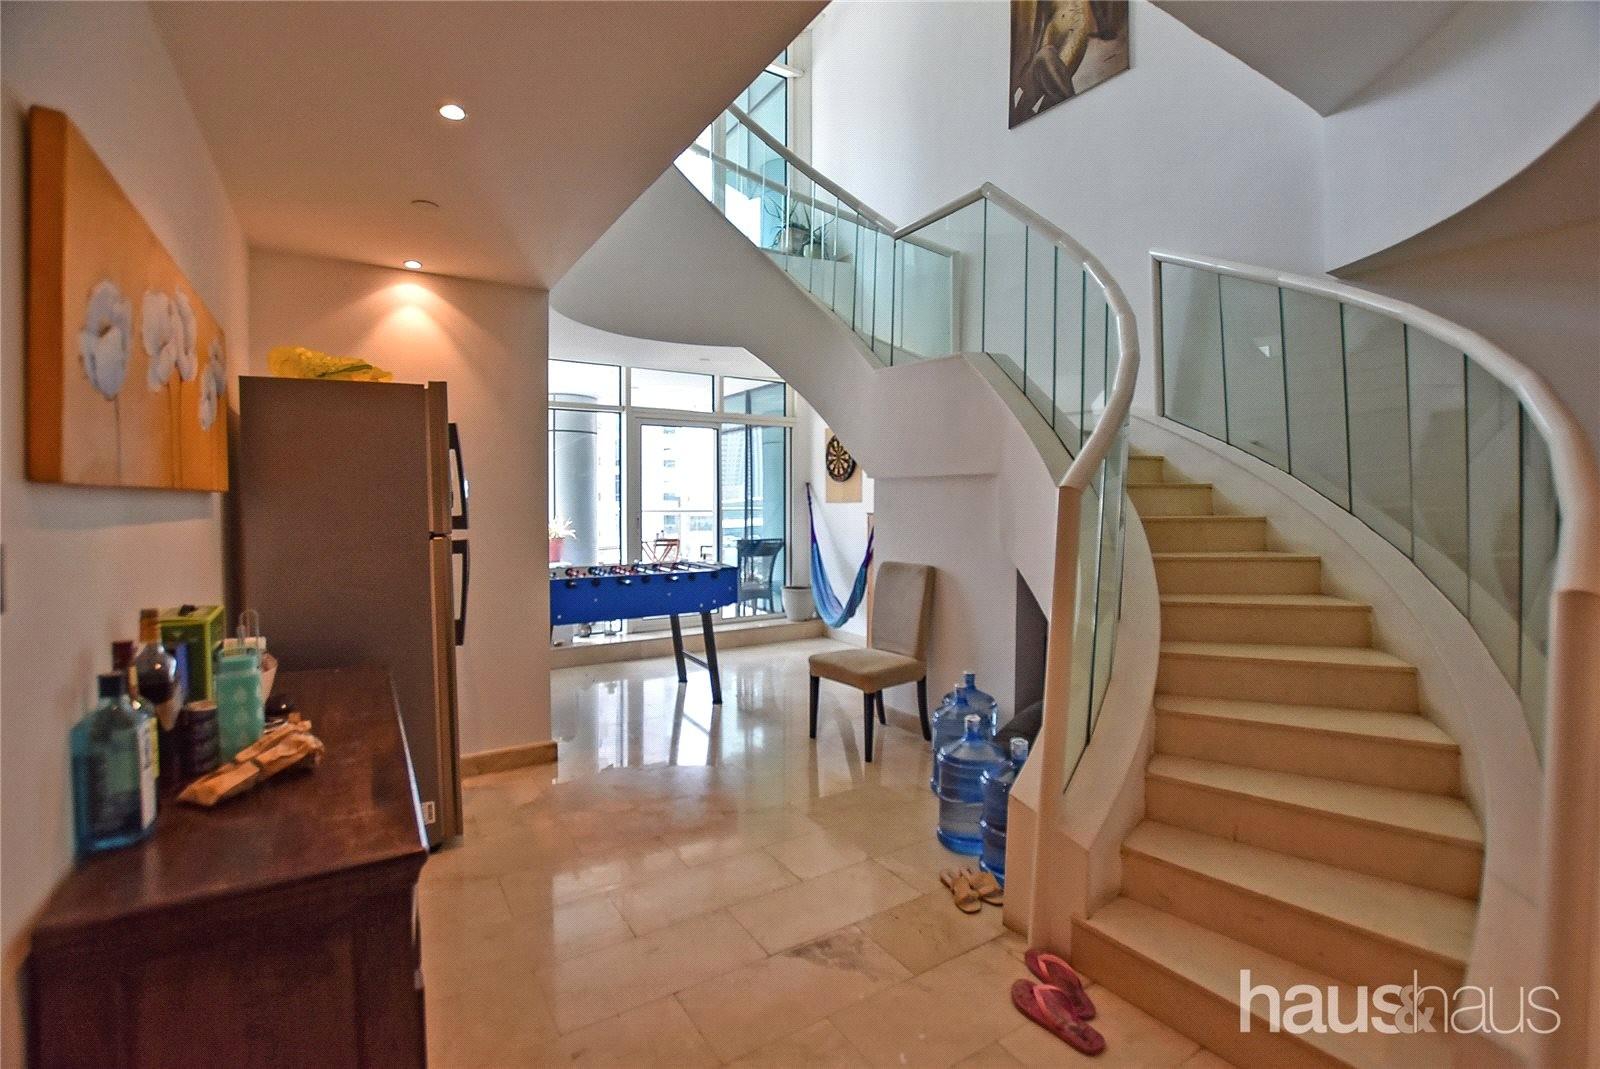 Duplex Apartment | 3 Bedroom + Maid + Office Room